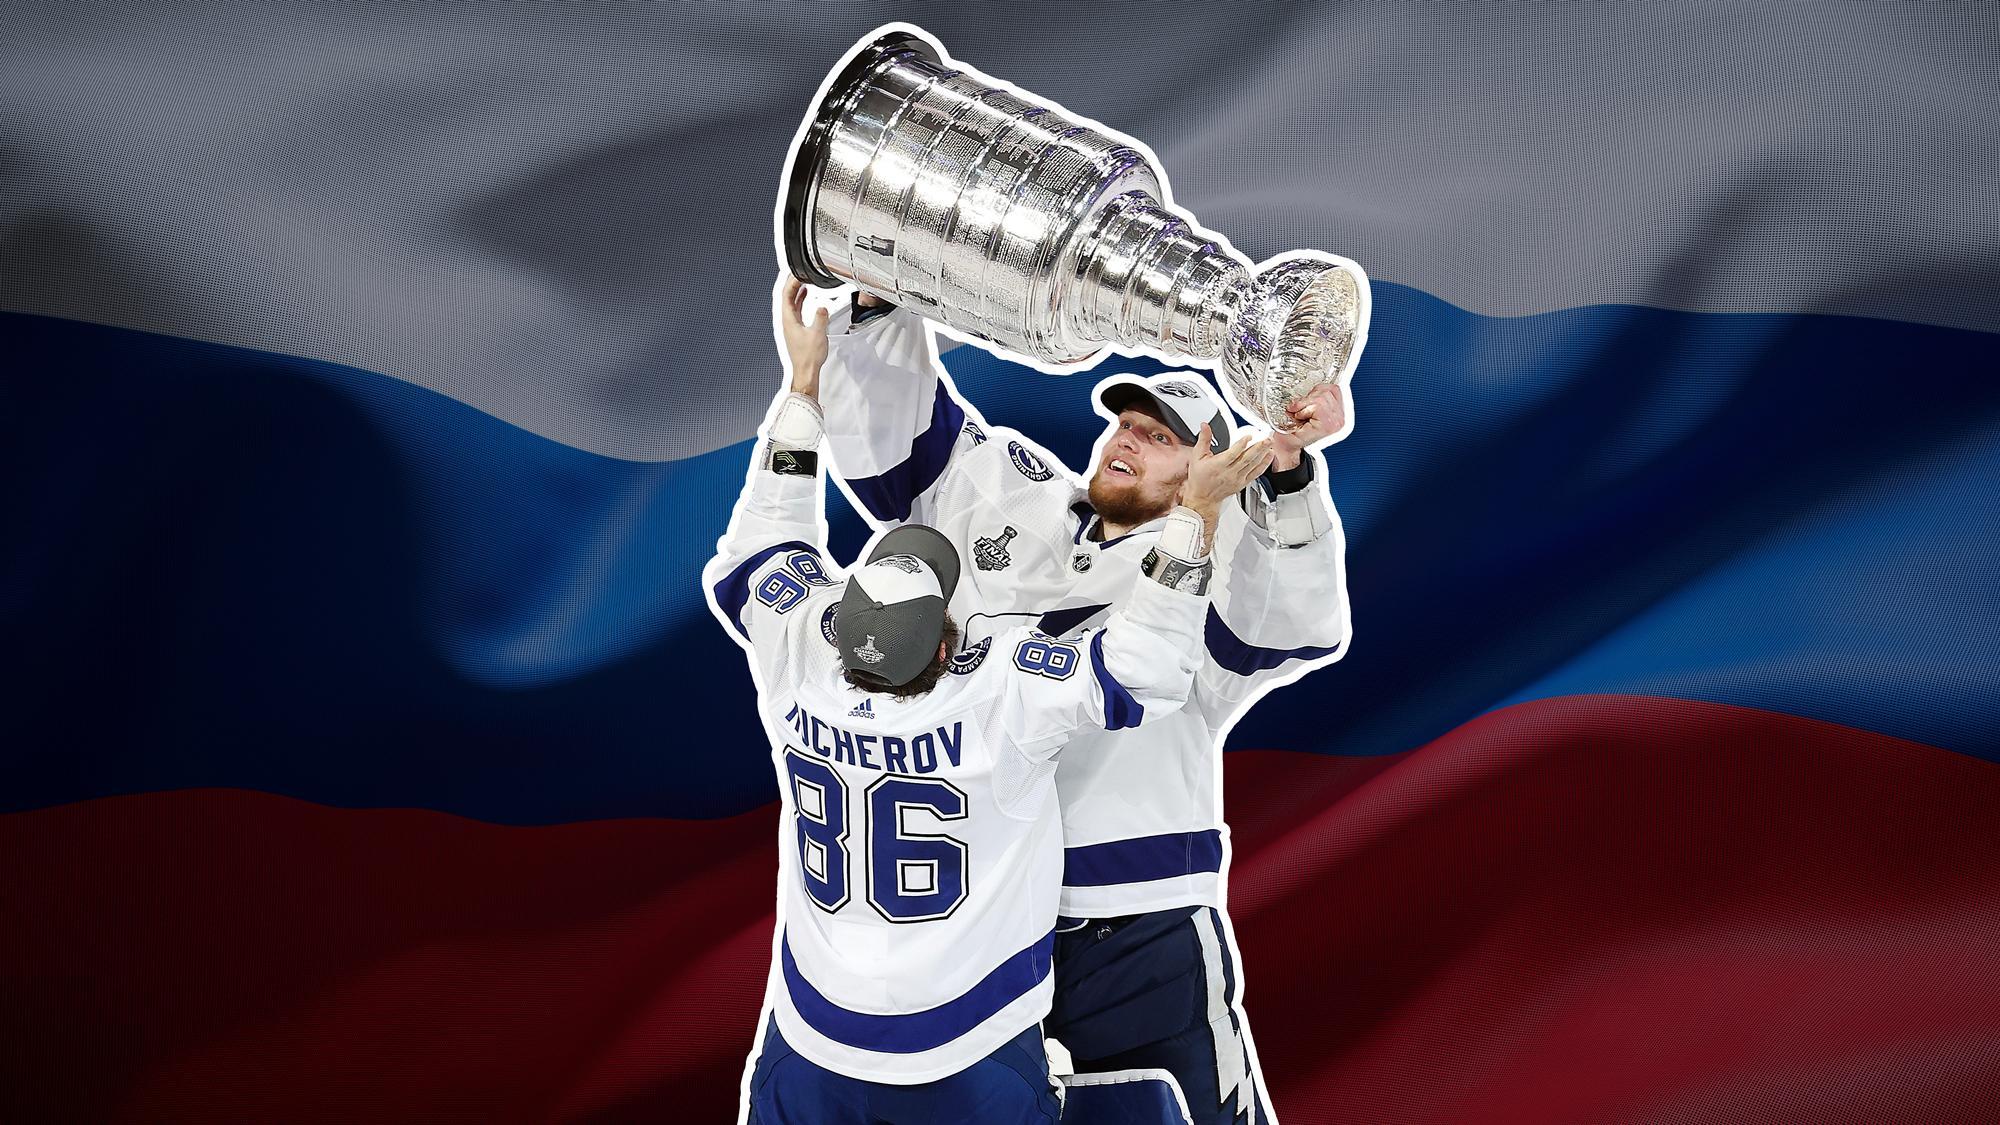 Это наша традиция! Кто и когда из российских хоккеистов завоёвывал Кубок Стэнли